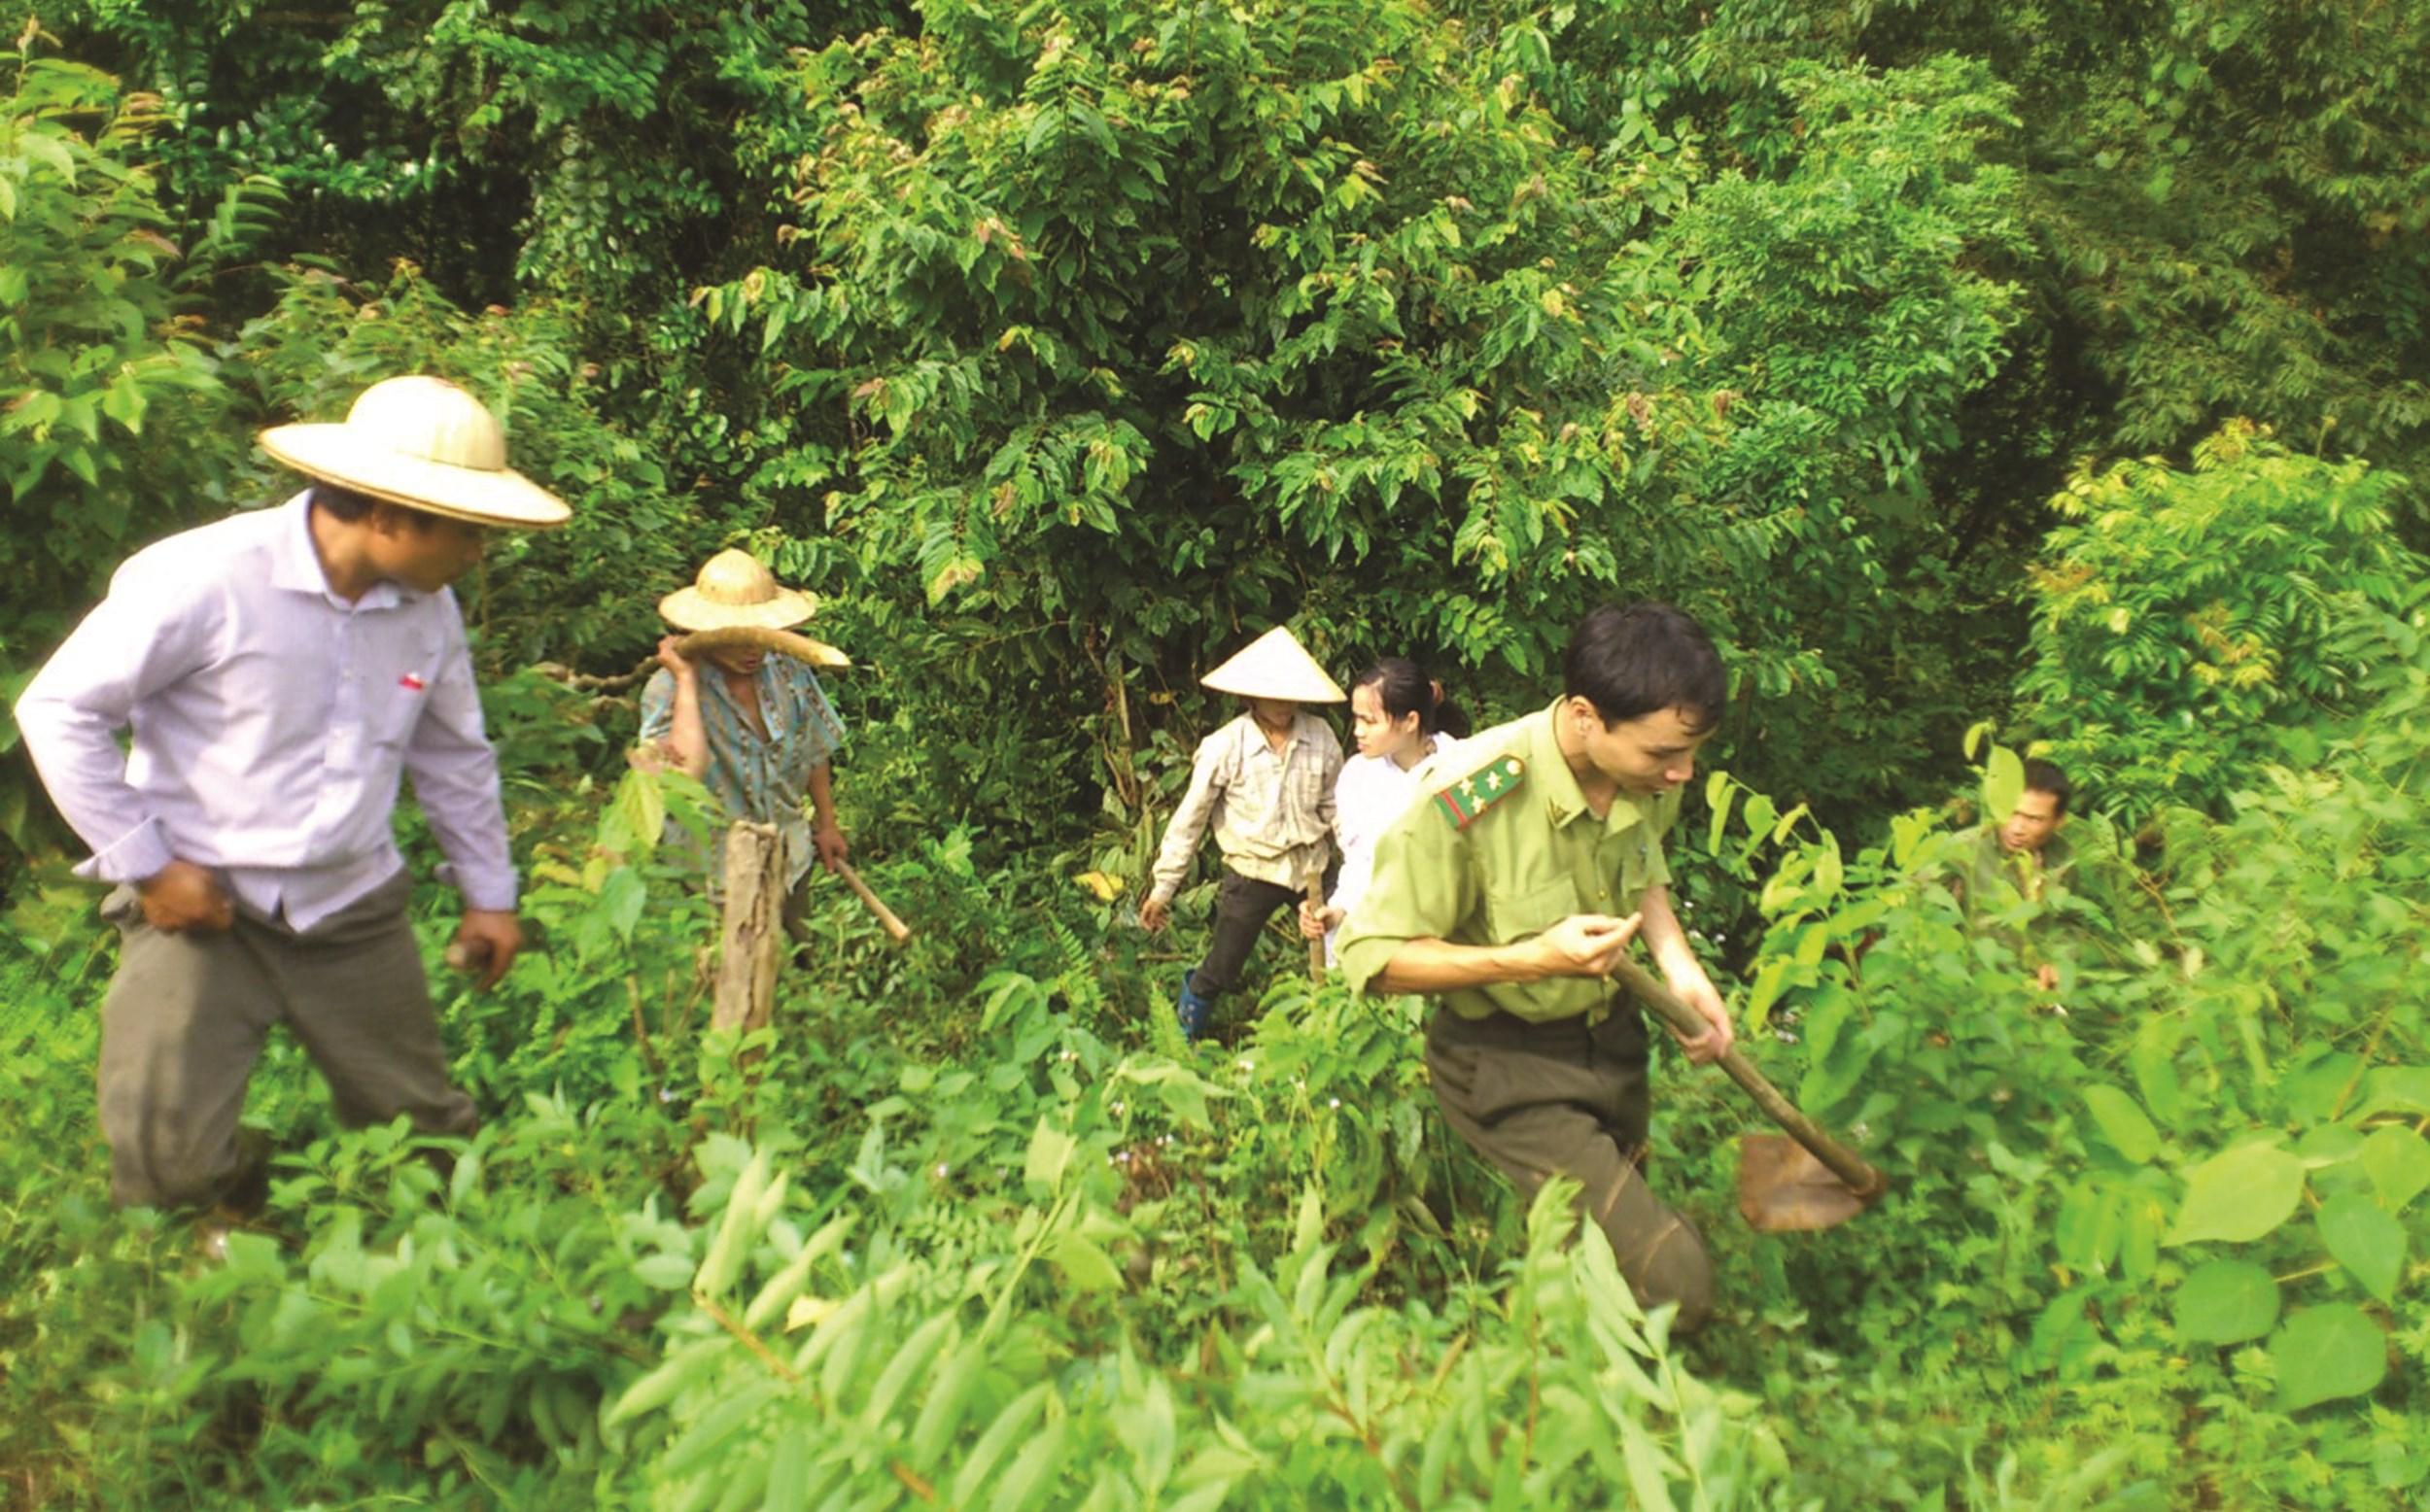 Cán bộ kiểm lâm và nhân viên tuần rừng xã Sơn Phú, Na Hang tuần tra bảo vệ rừng trên địa bàn